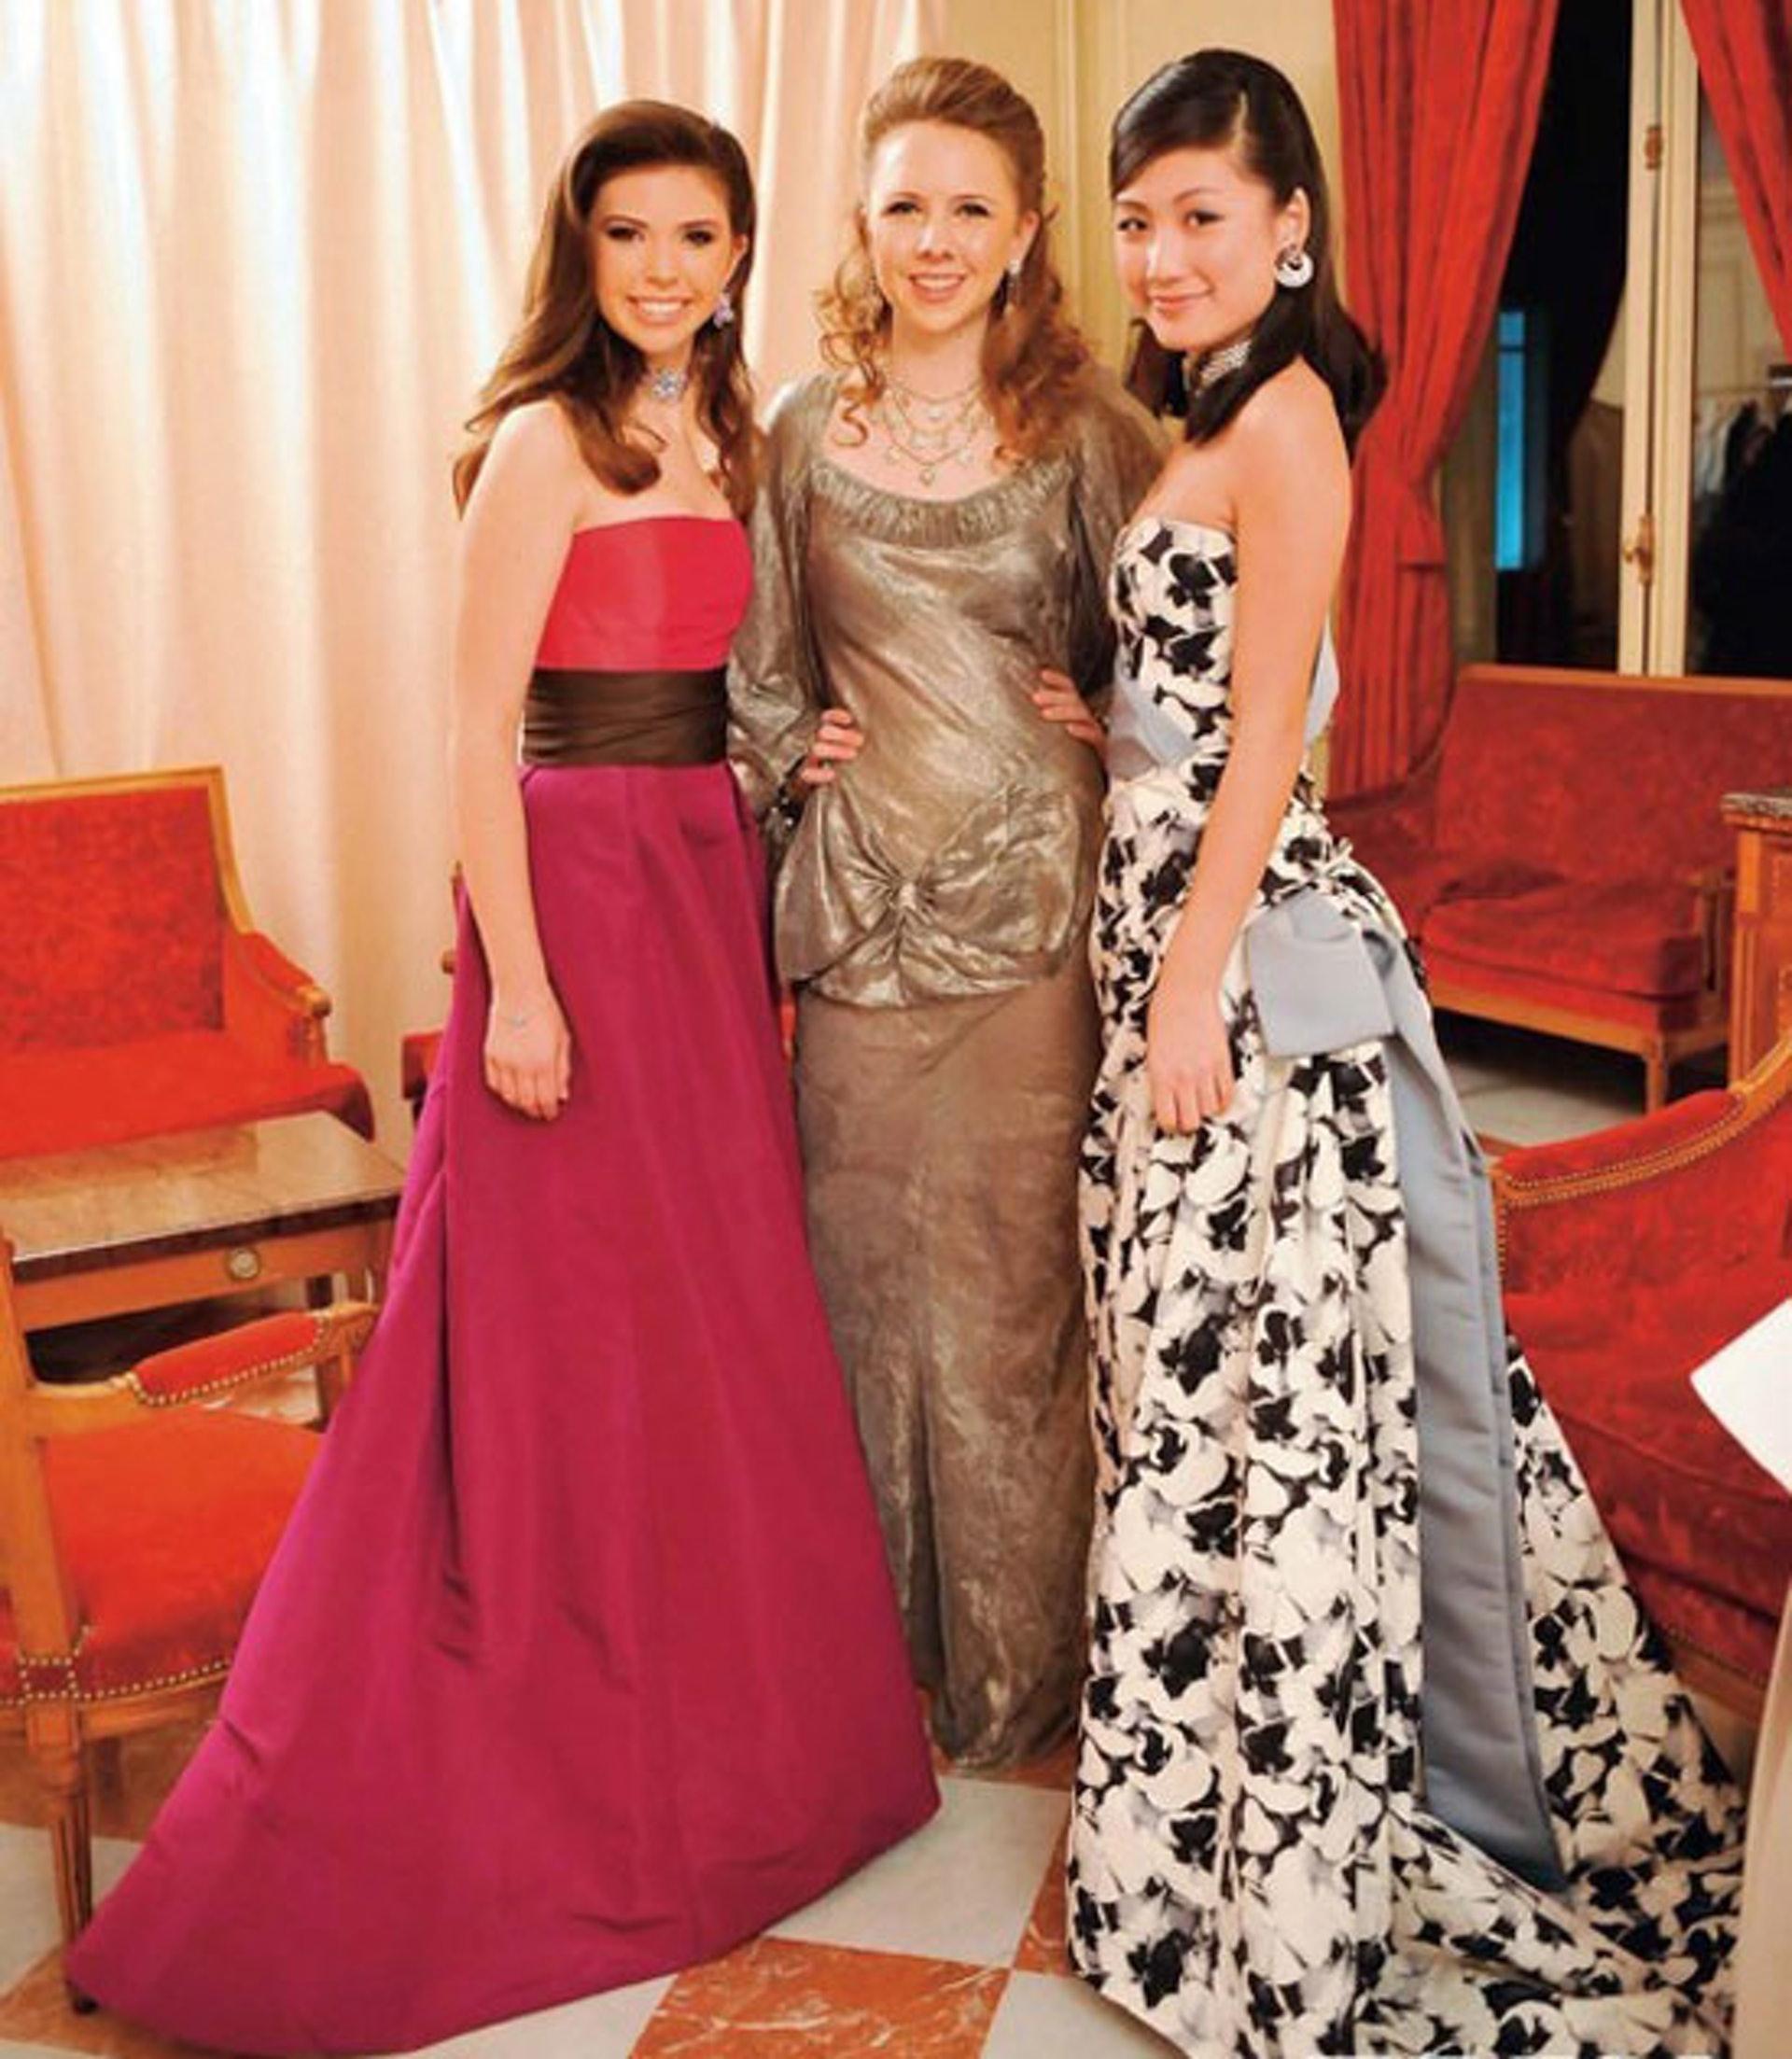 2009年11月,李紫丹(右)在巴黎參加名媛成年舞會。全場僅兩名中國女子參加,分別是李紫丹和賭王何鴻燊的外孫女。(網上圖片)